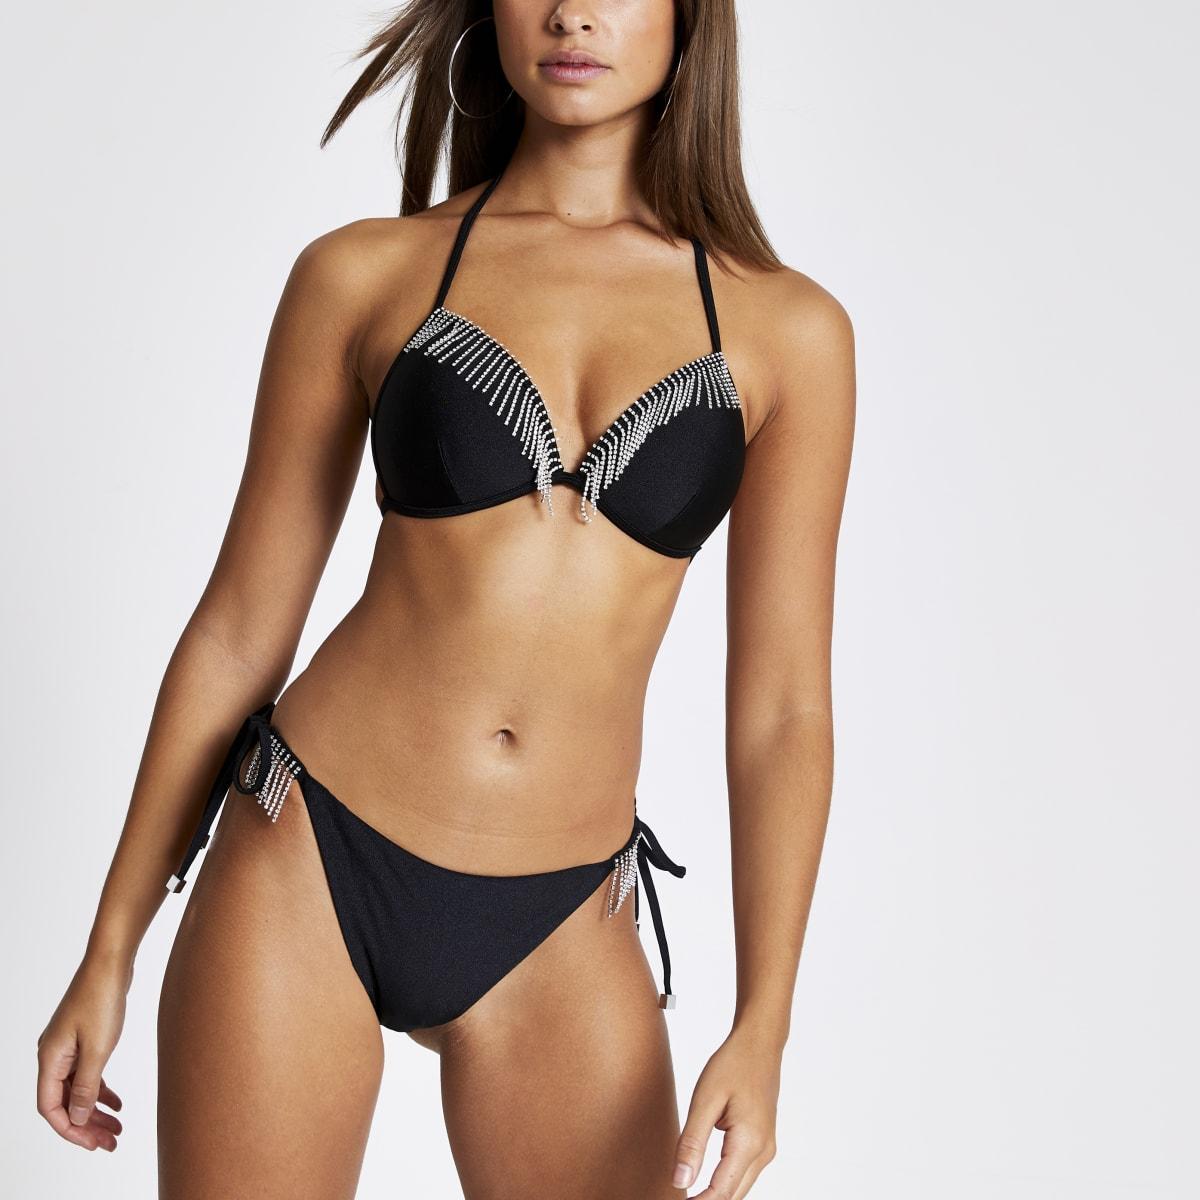 Schwarze Bikinihose mit Strassfransen und seitlicher Schnürung